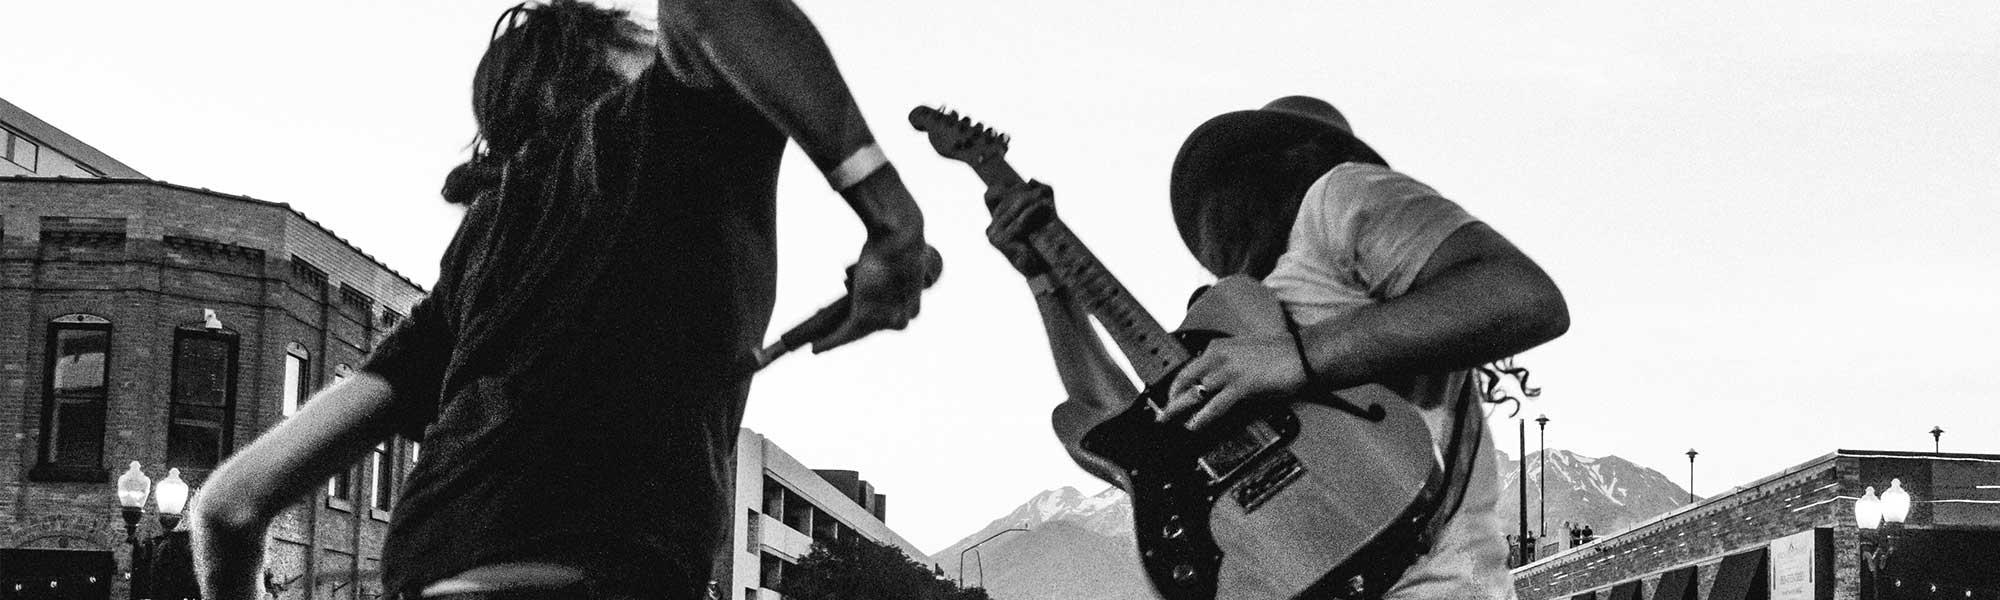 Rockband  buchen für Event